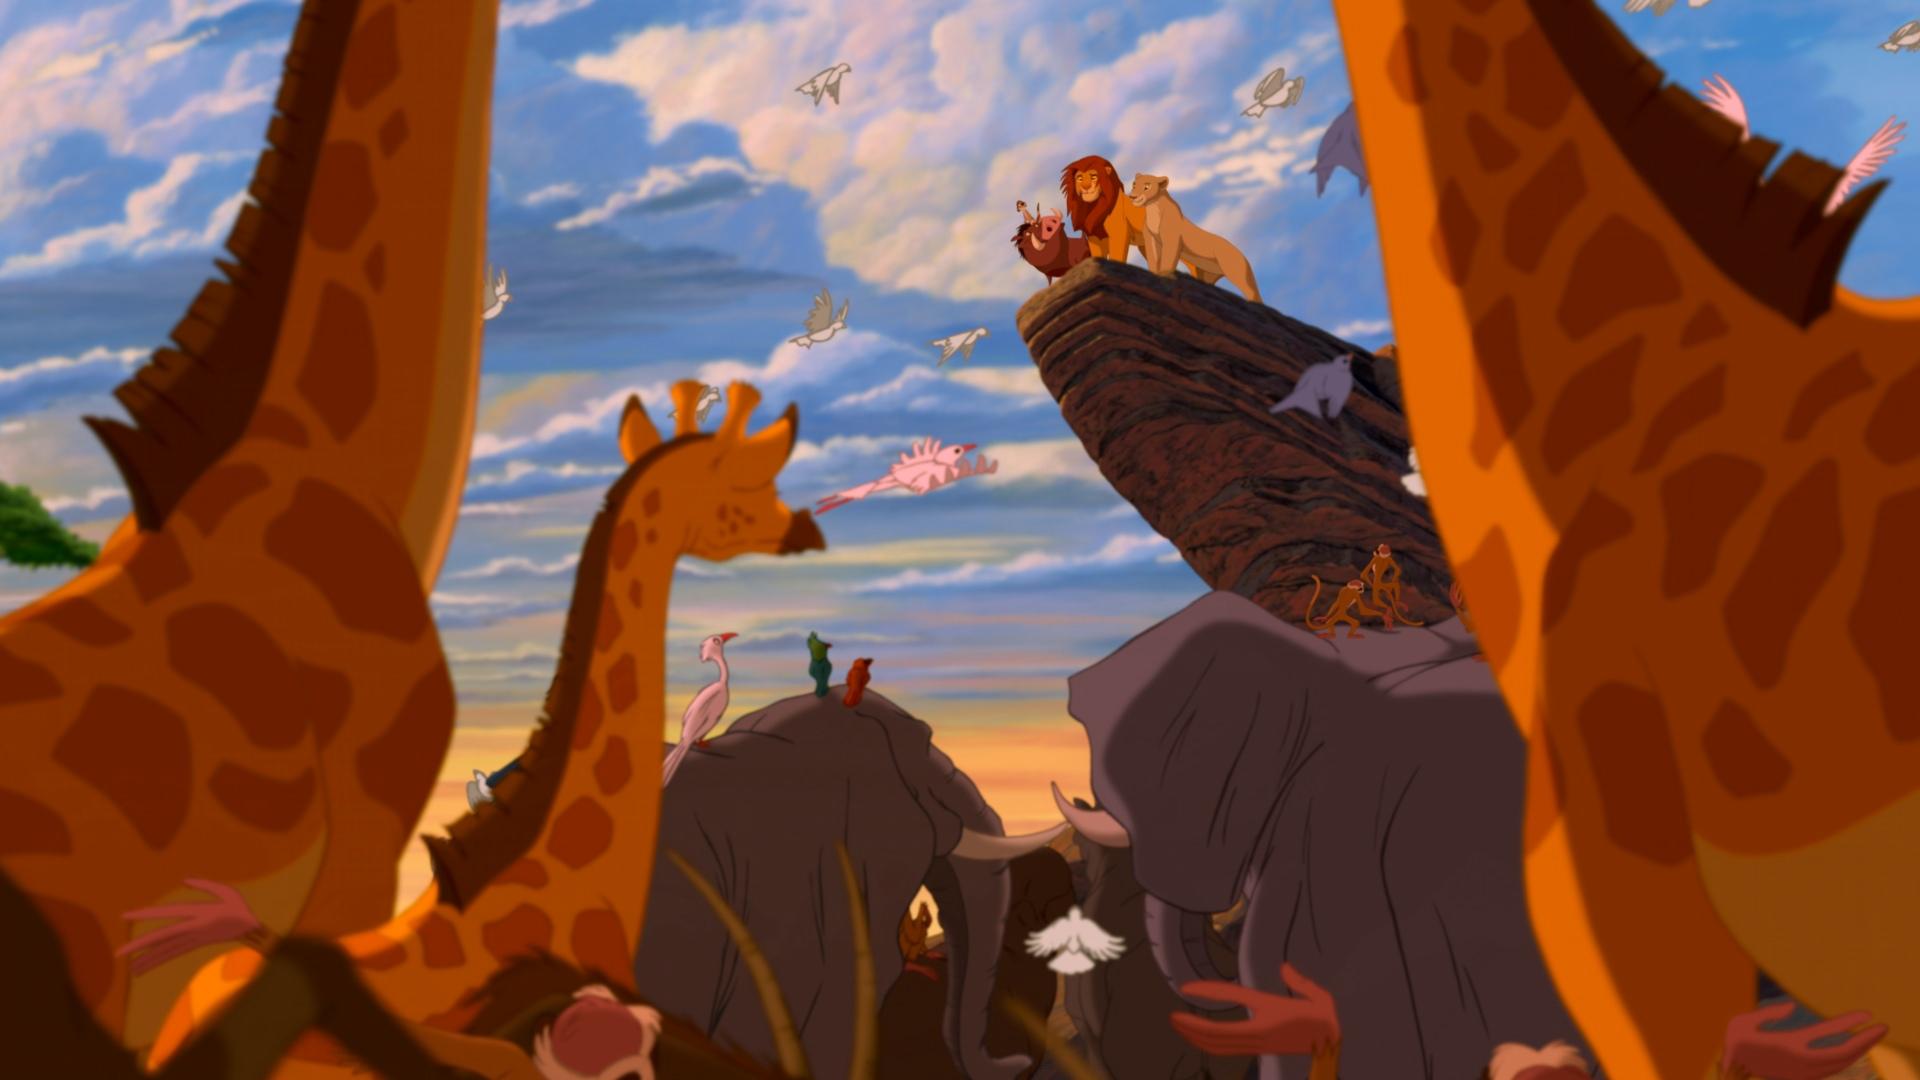 Der könig löwen film rezensionen